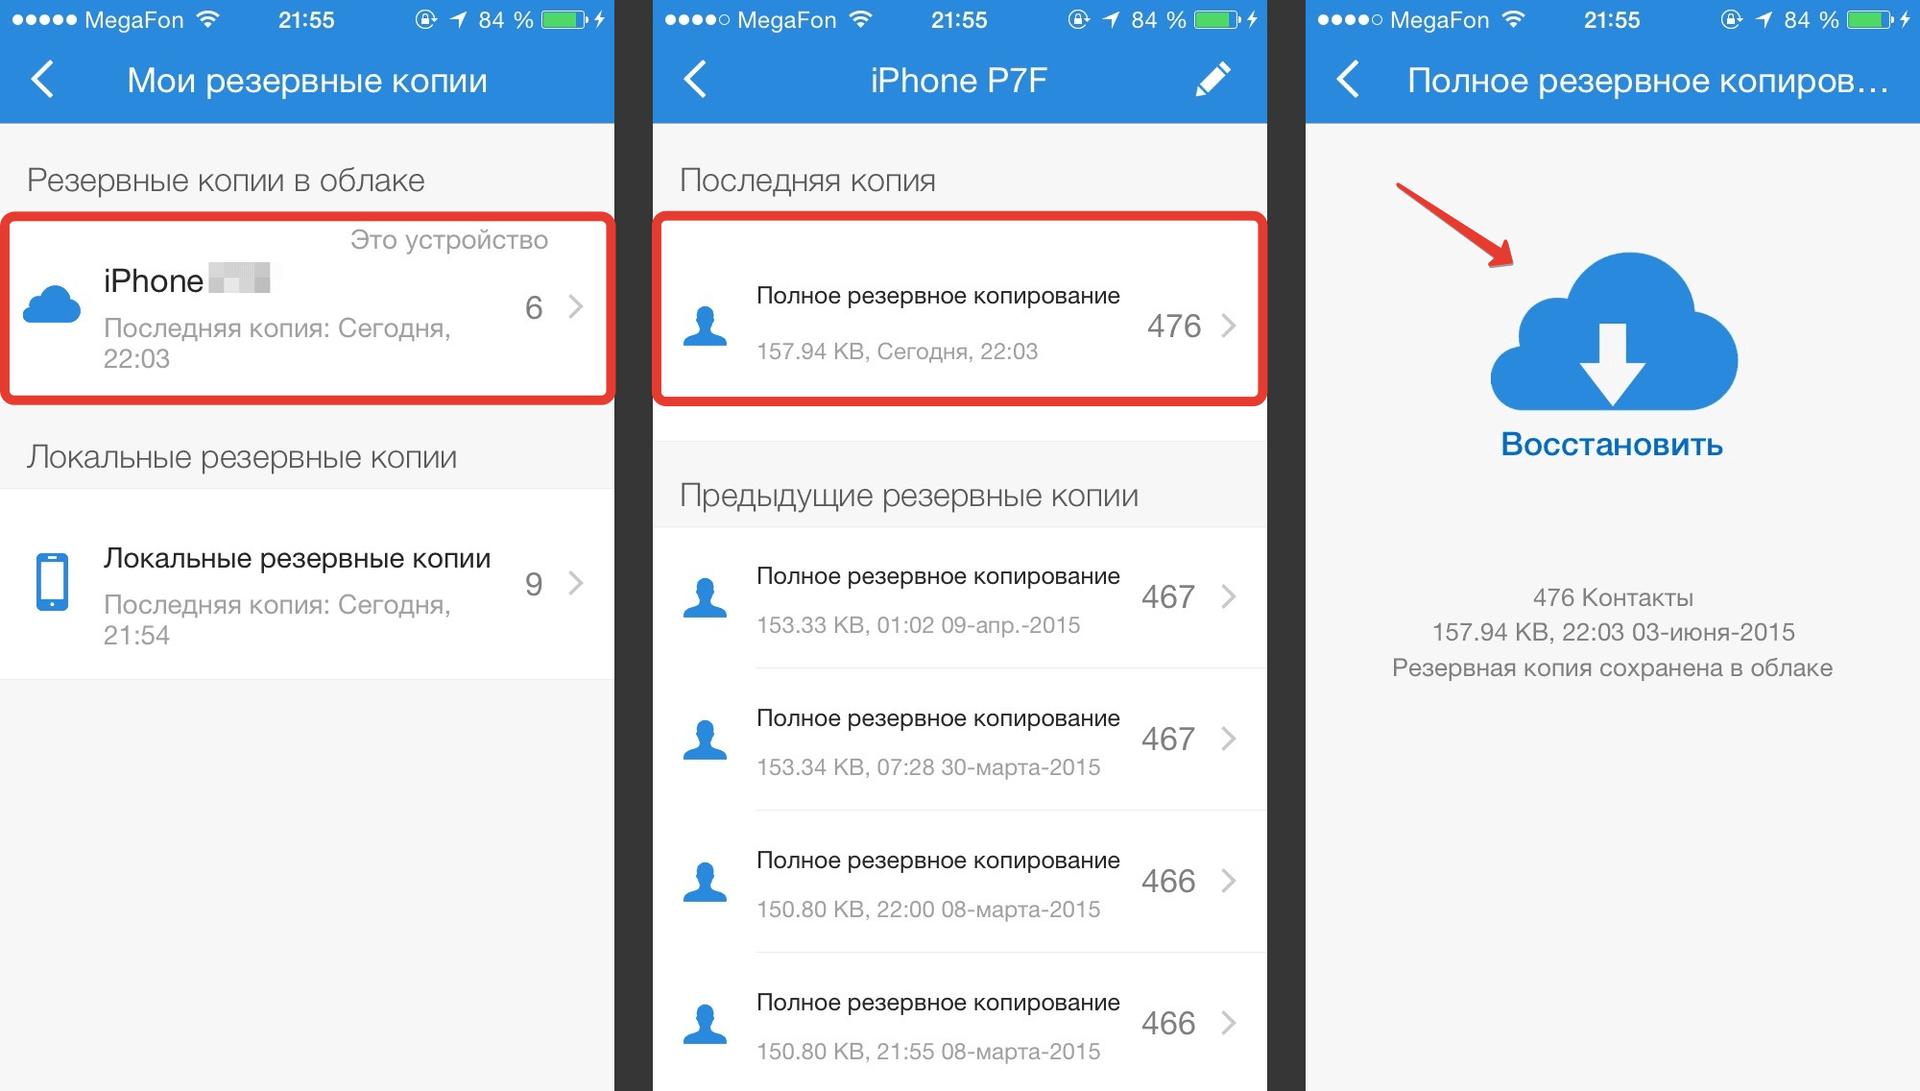 перенести контакты на другой айфон через приложение